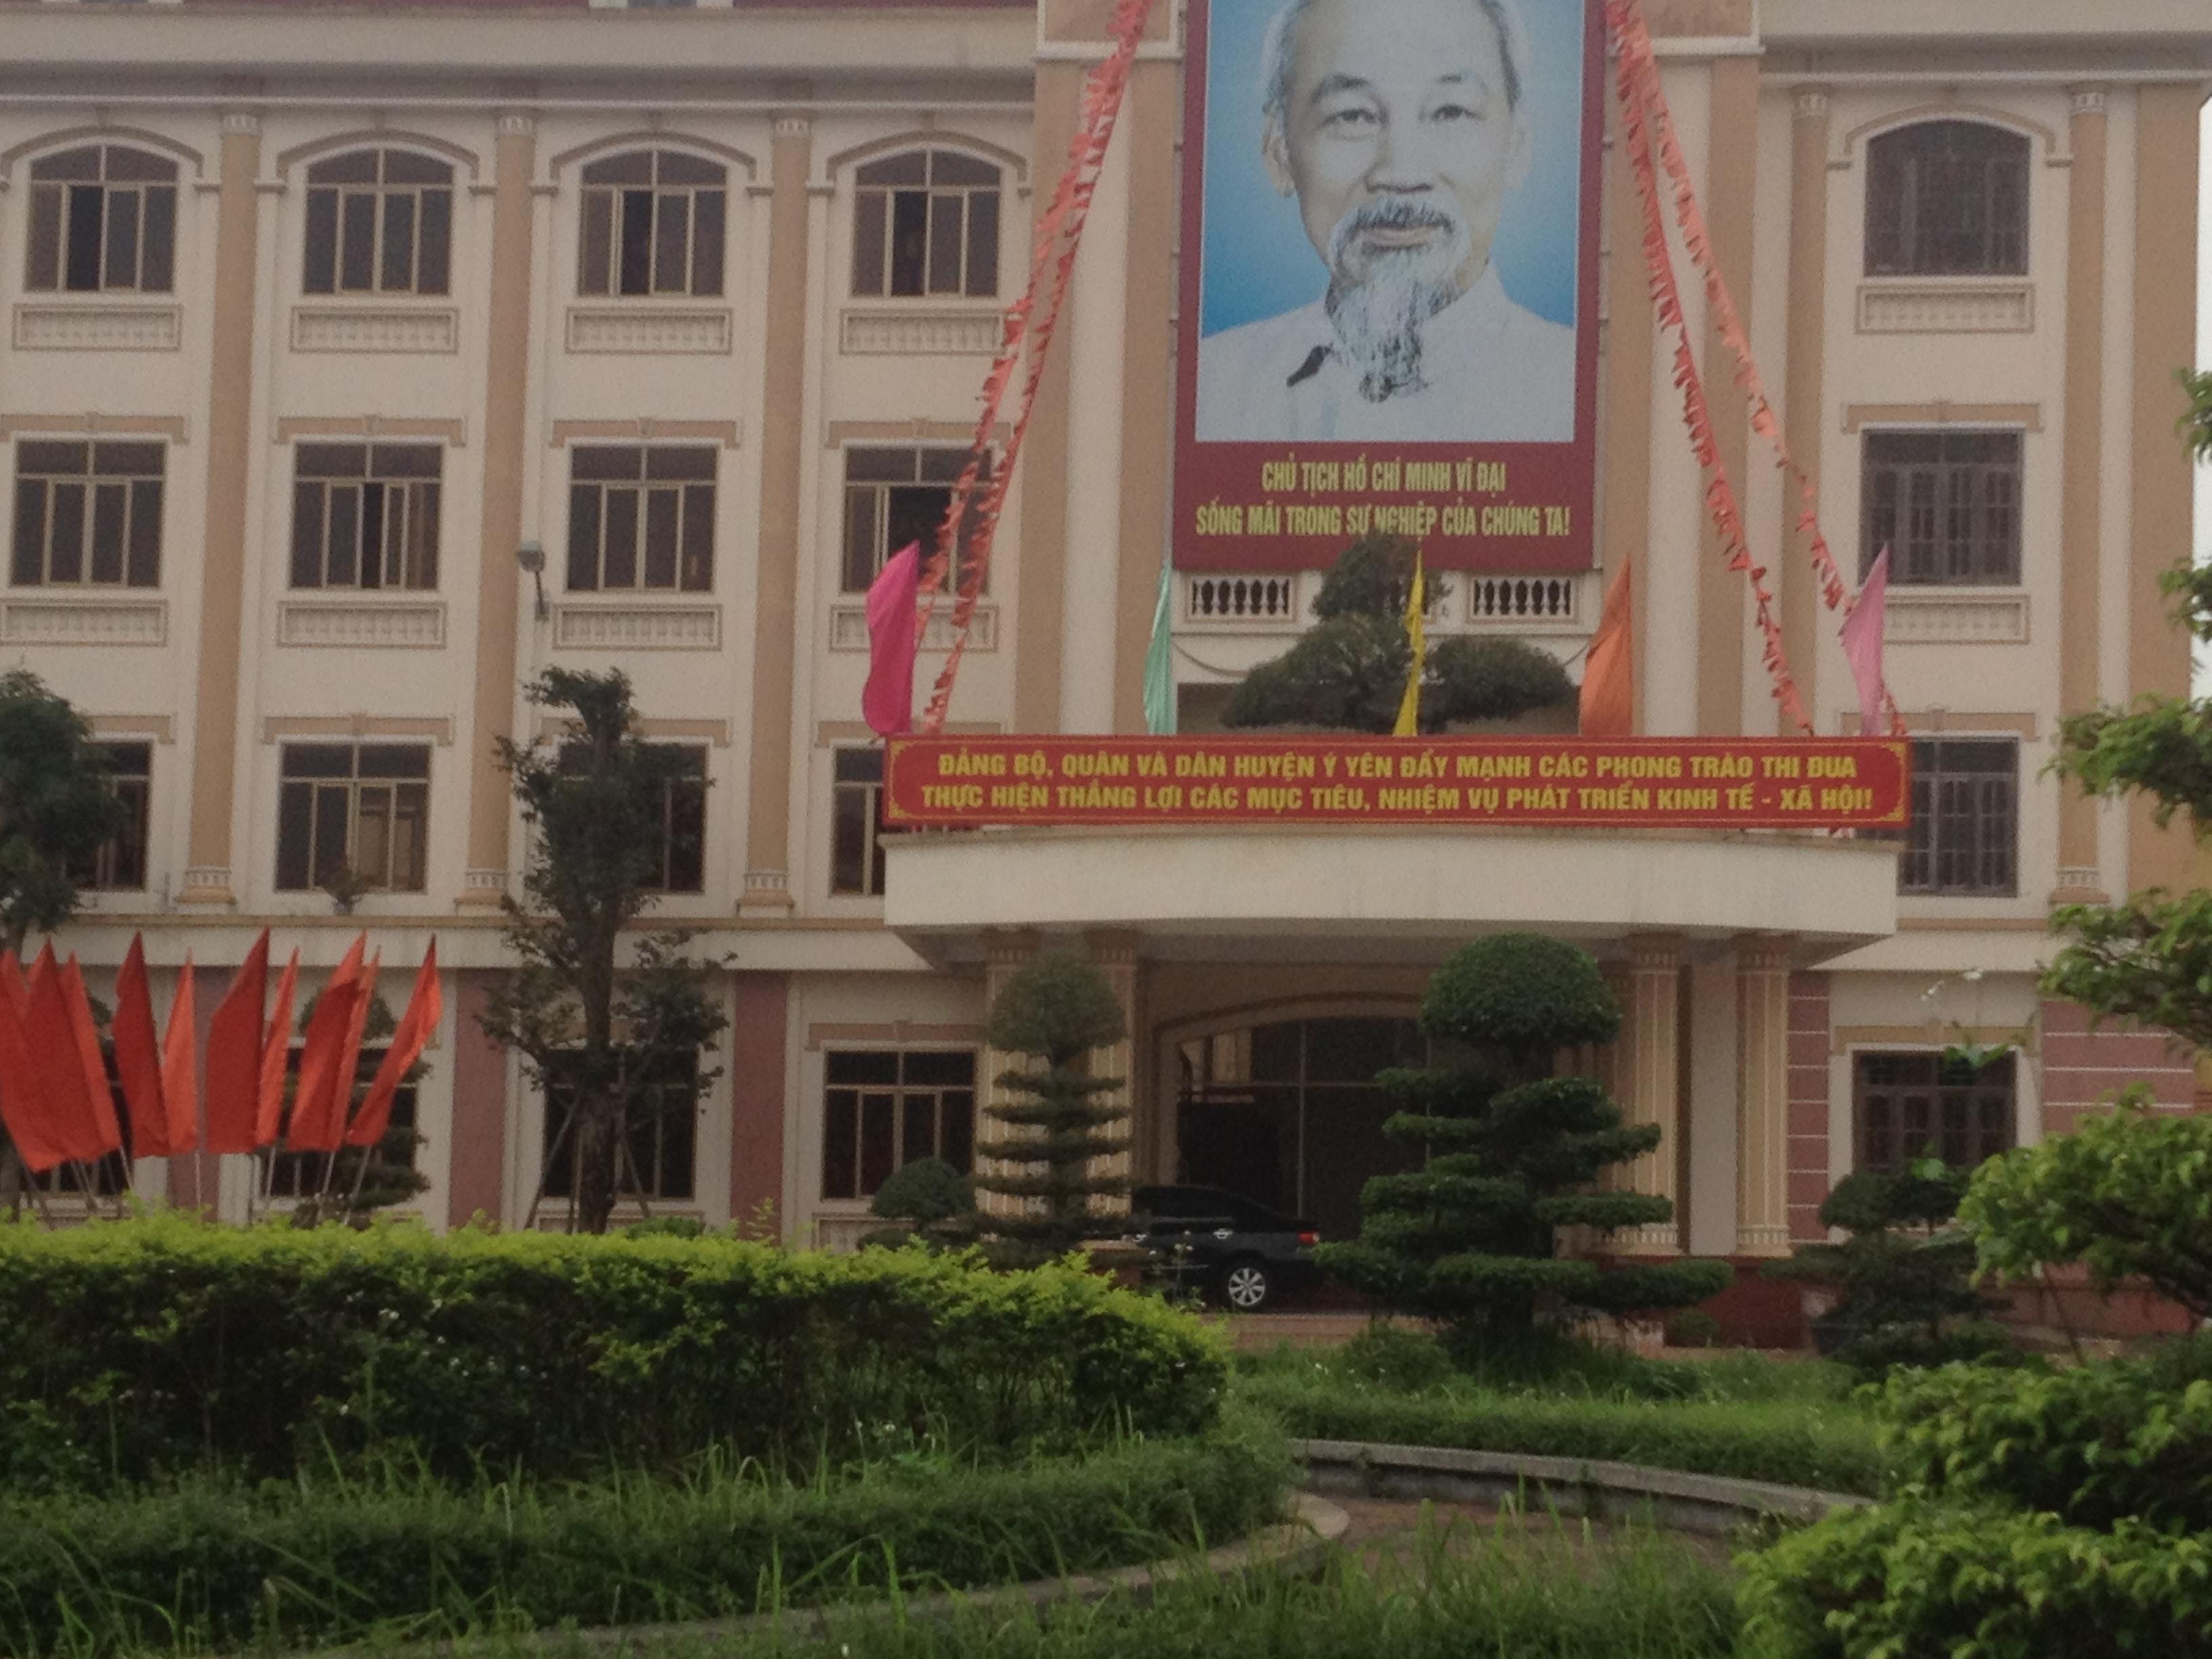 UBND huyện Ý Yên, Nam Định